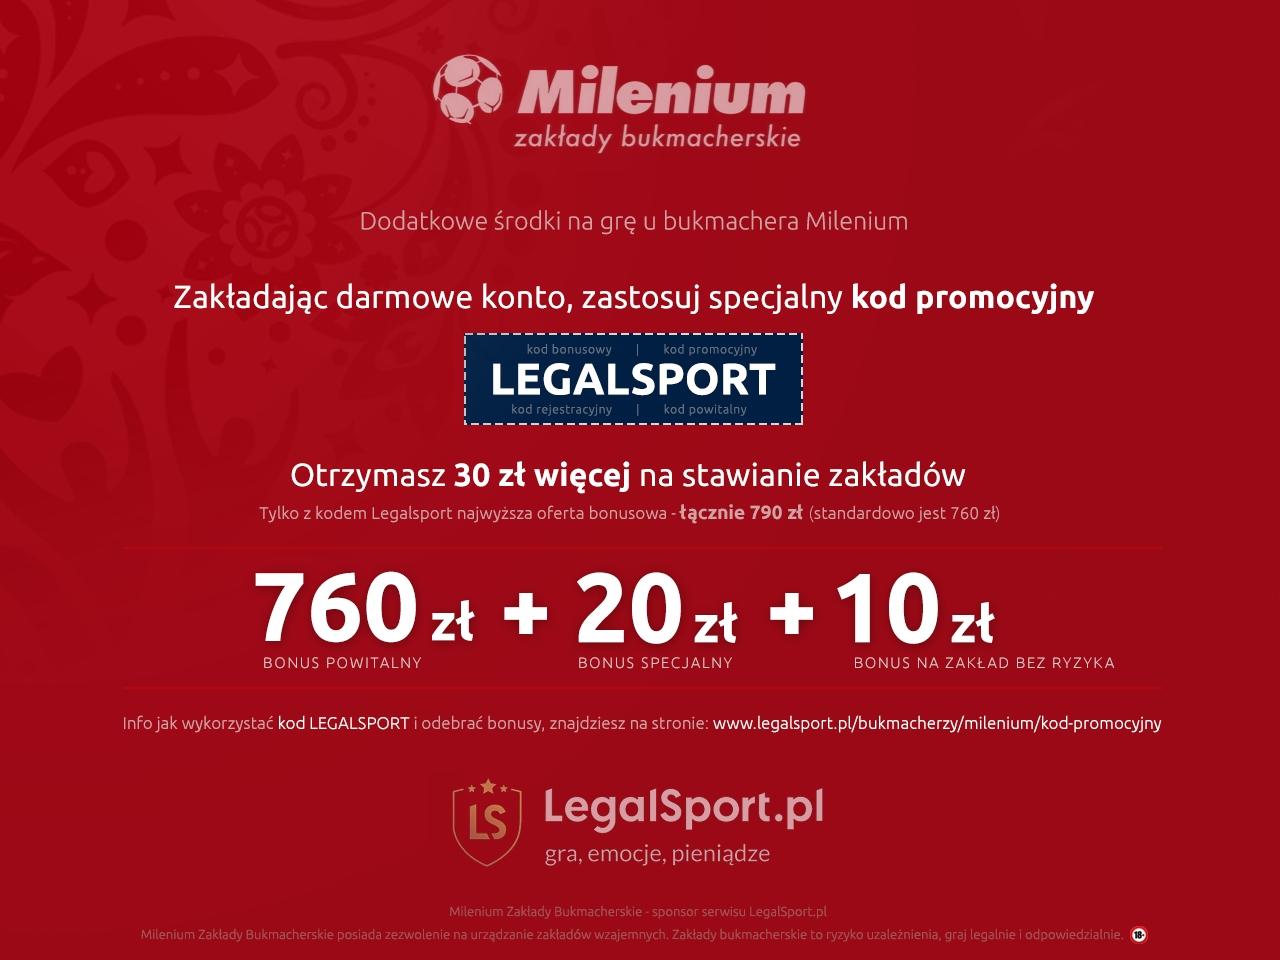 Kod bonusowy do bukmachera Milenium - 790 zl w bonusach powitalnych